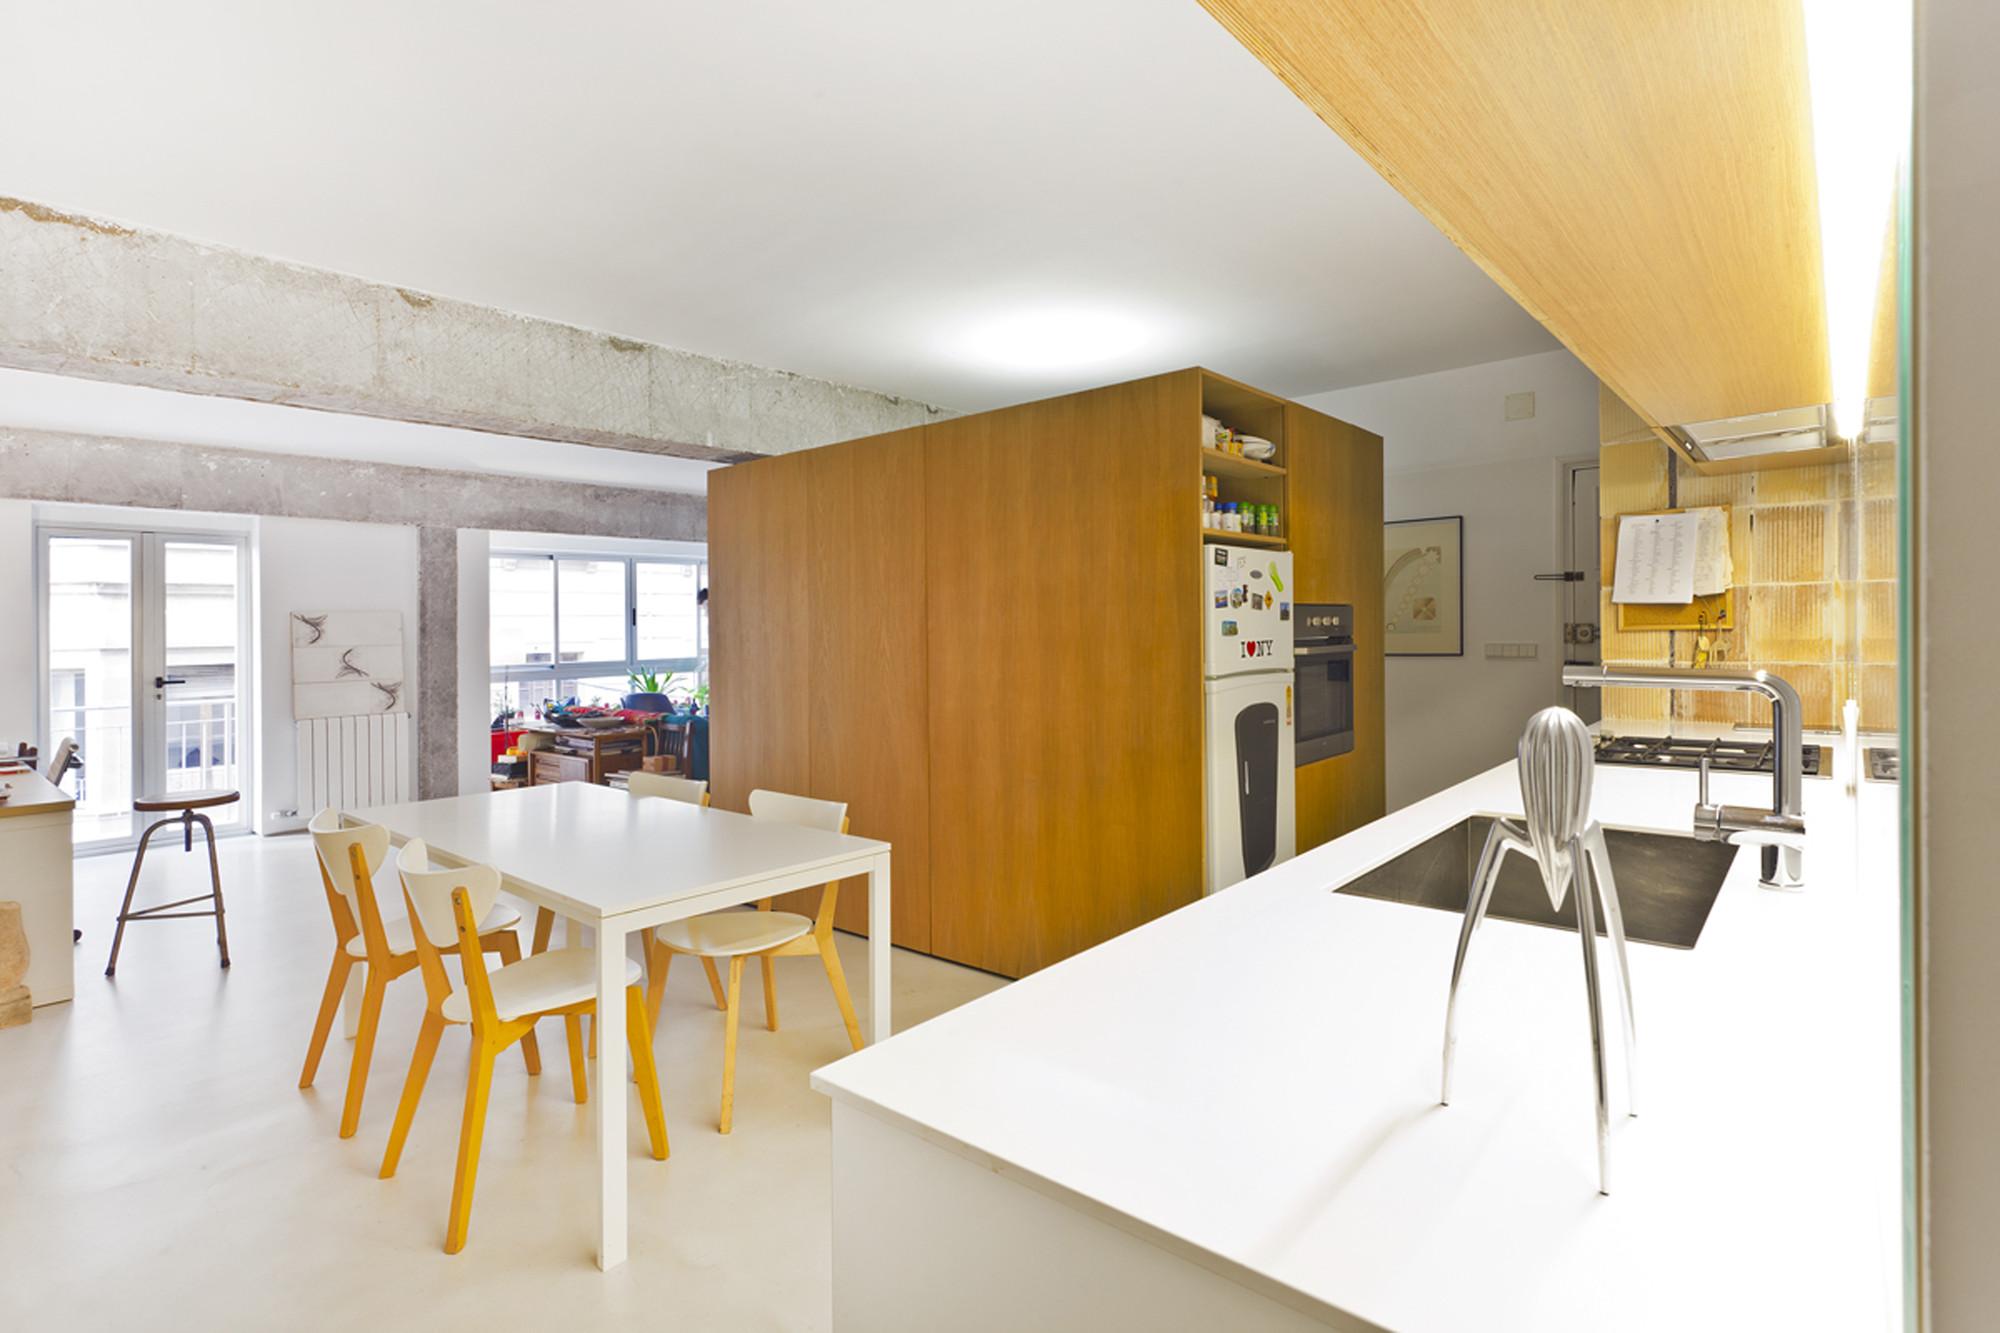 Galeria de reforma de apartamento em palma de mallorca - Arquitectos palma de mallorca ...